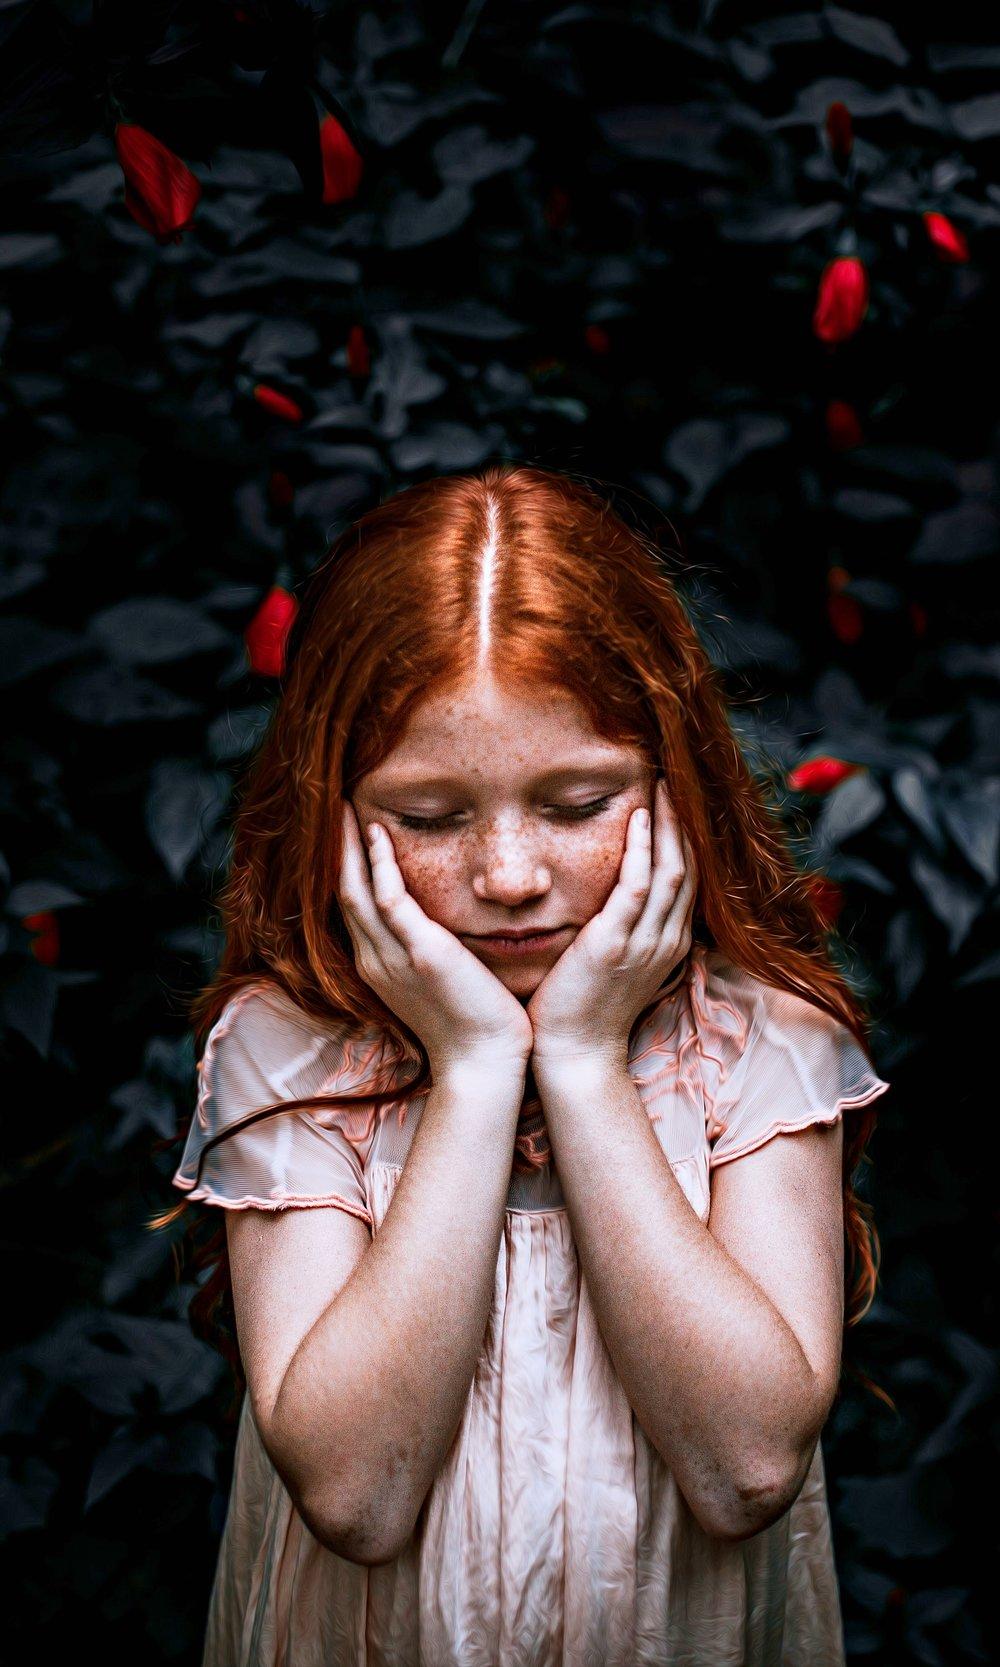 alone-child-children-573271.jpg